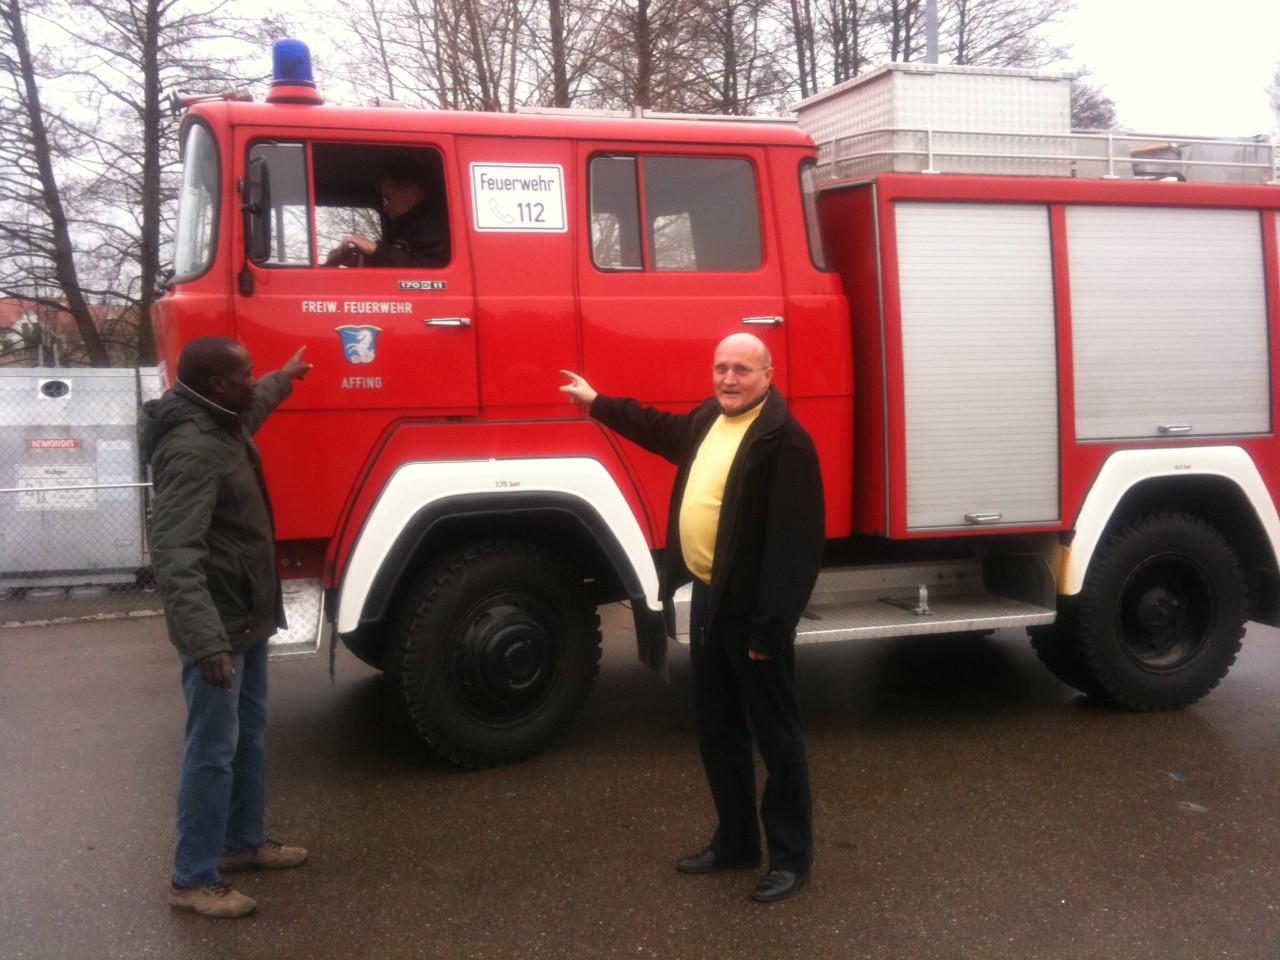 Und das Affinger Feuerwehrauto rollt seiner neuen Bestimmung entgegen.